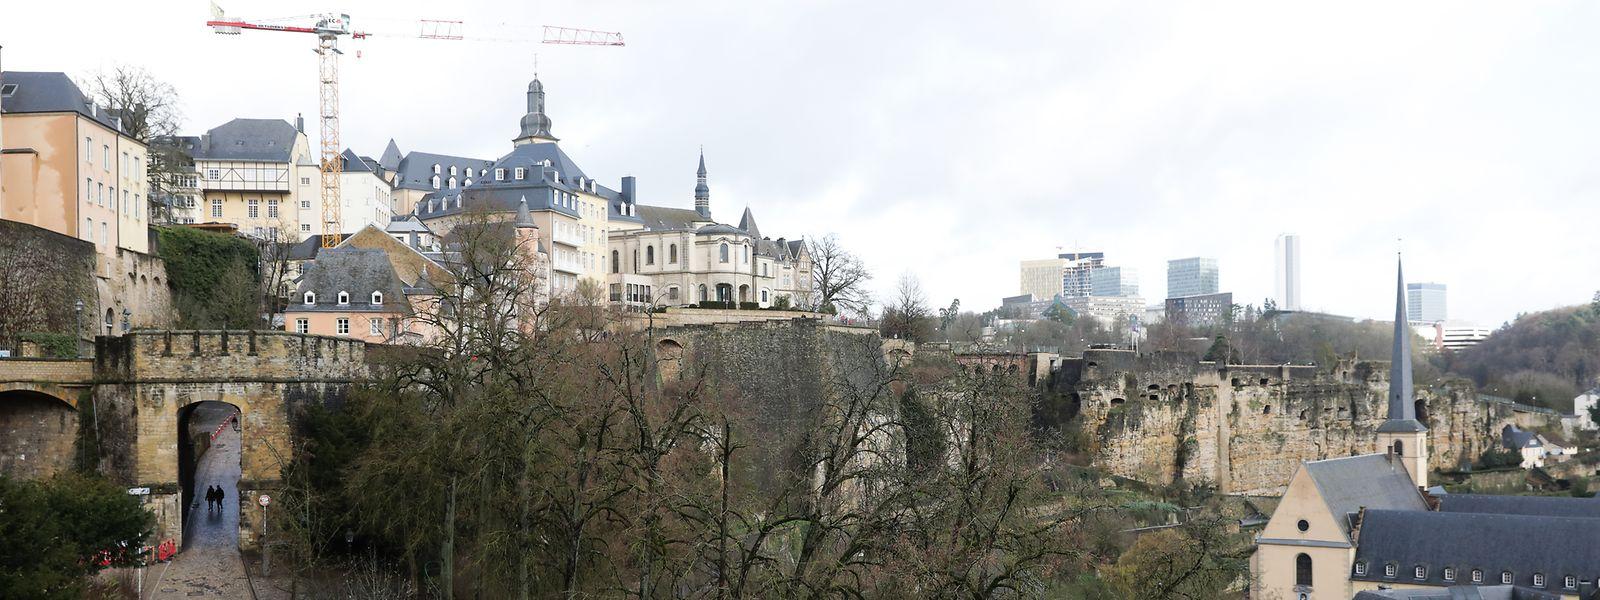 Prädikat wertvoll: Seit dem 17. Dezember 1994 ist die Altstadt und Festung Luxemburgs Teil der Unesco-Welterbestätteliste des Weltkulturerbes.